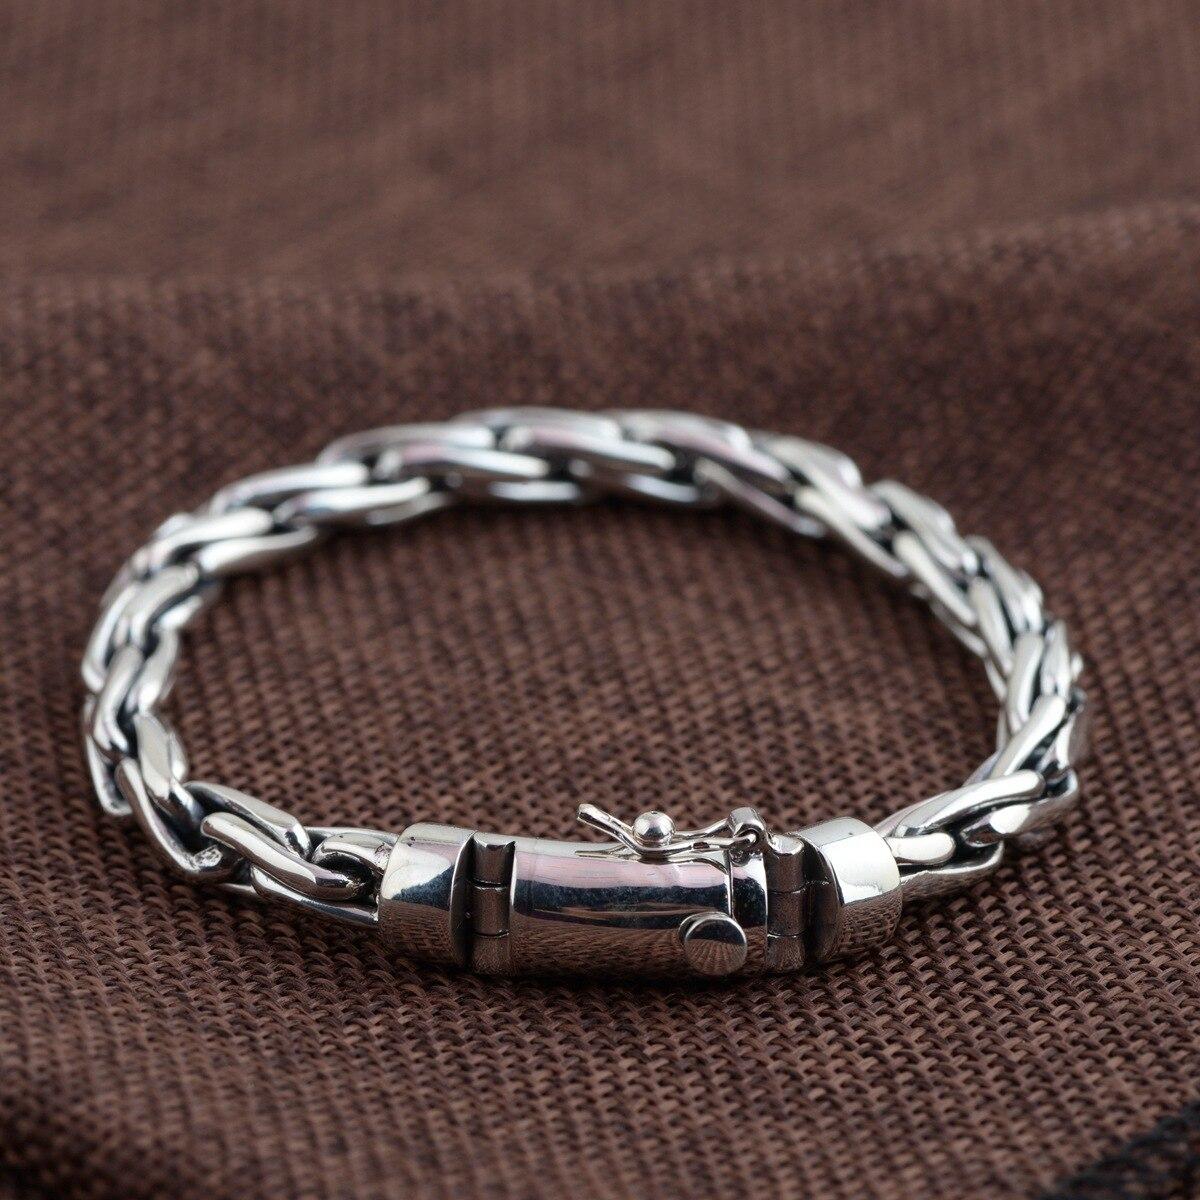 925 sterling silver bracelet hand-woven fashion personality men bracelet wooden breads hand woven wrap bracelet